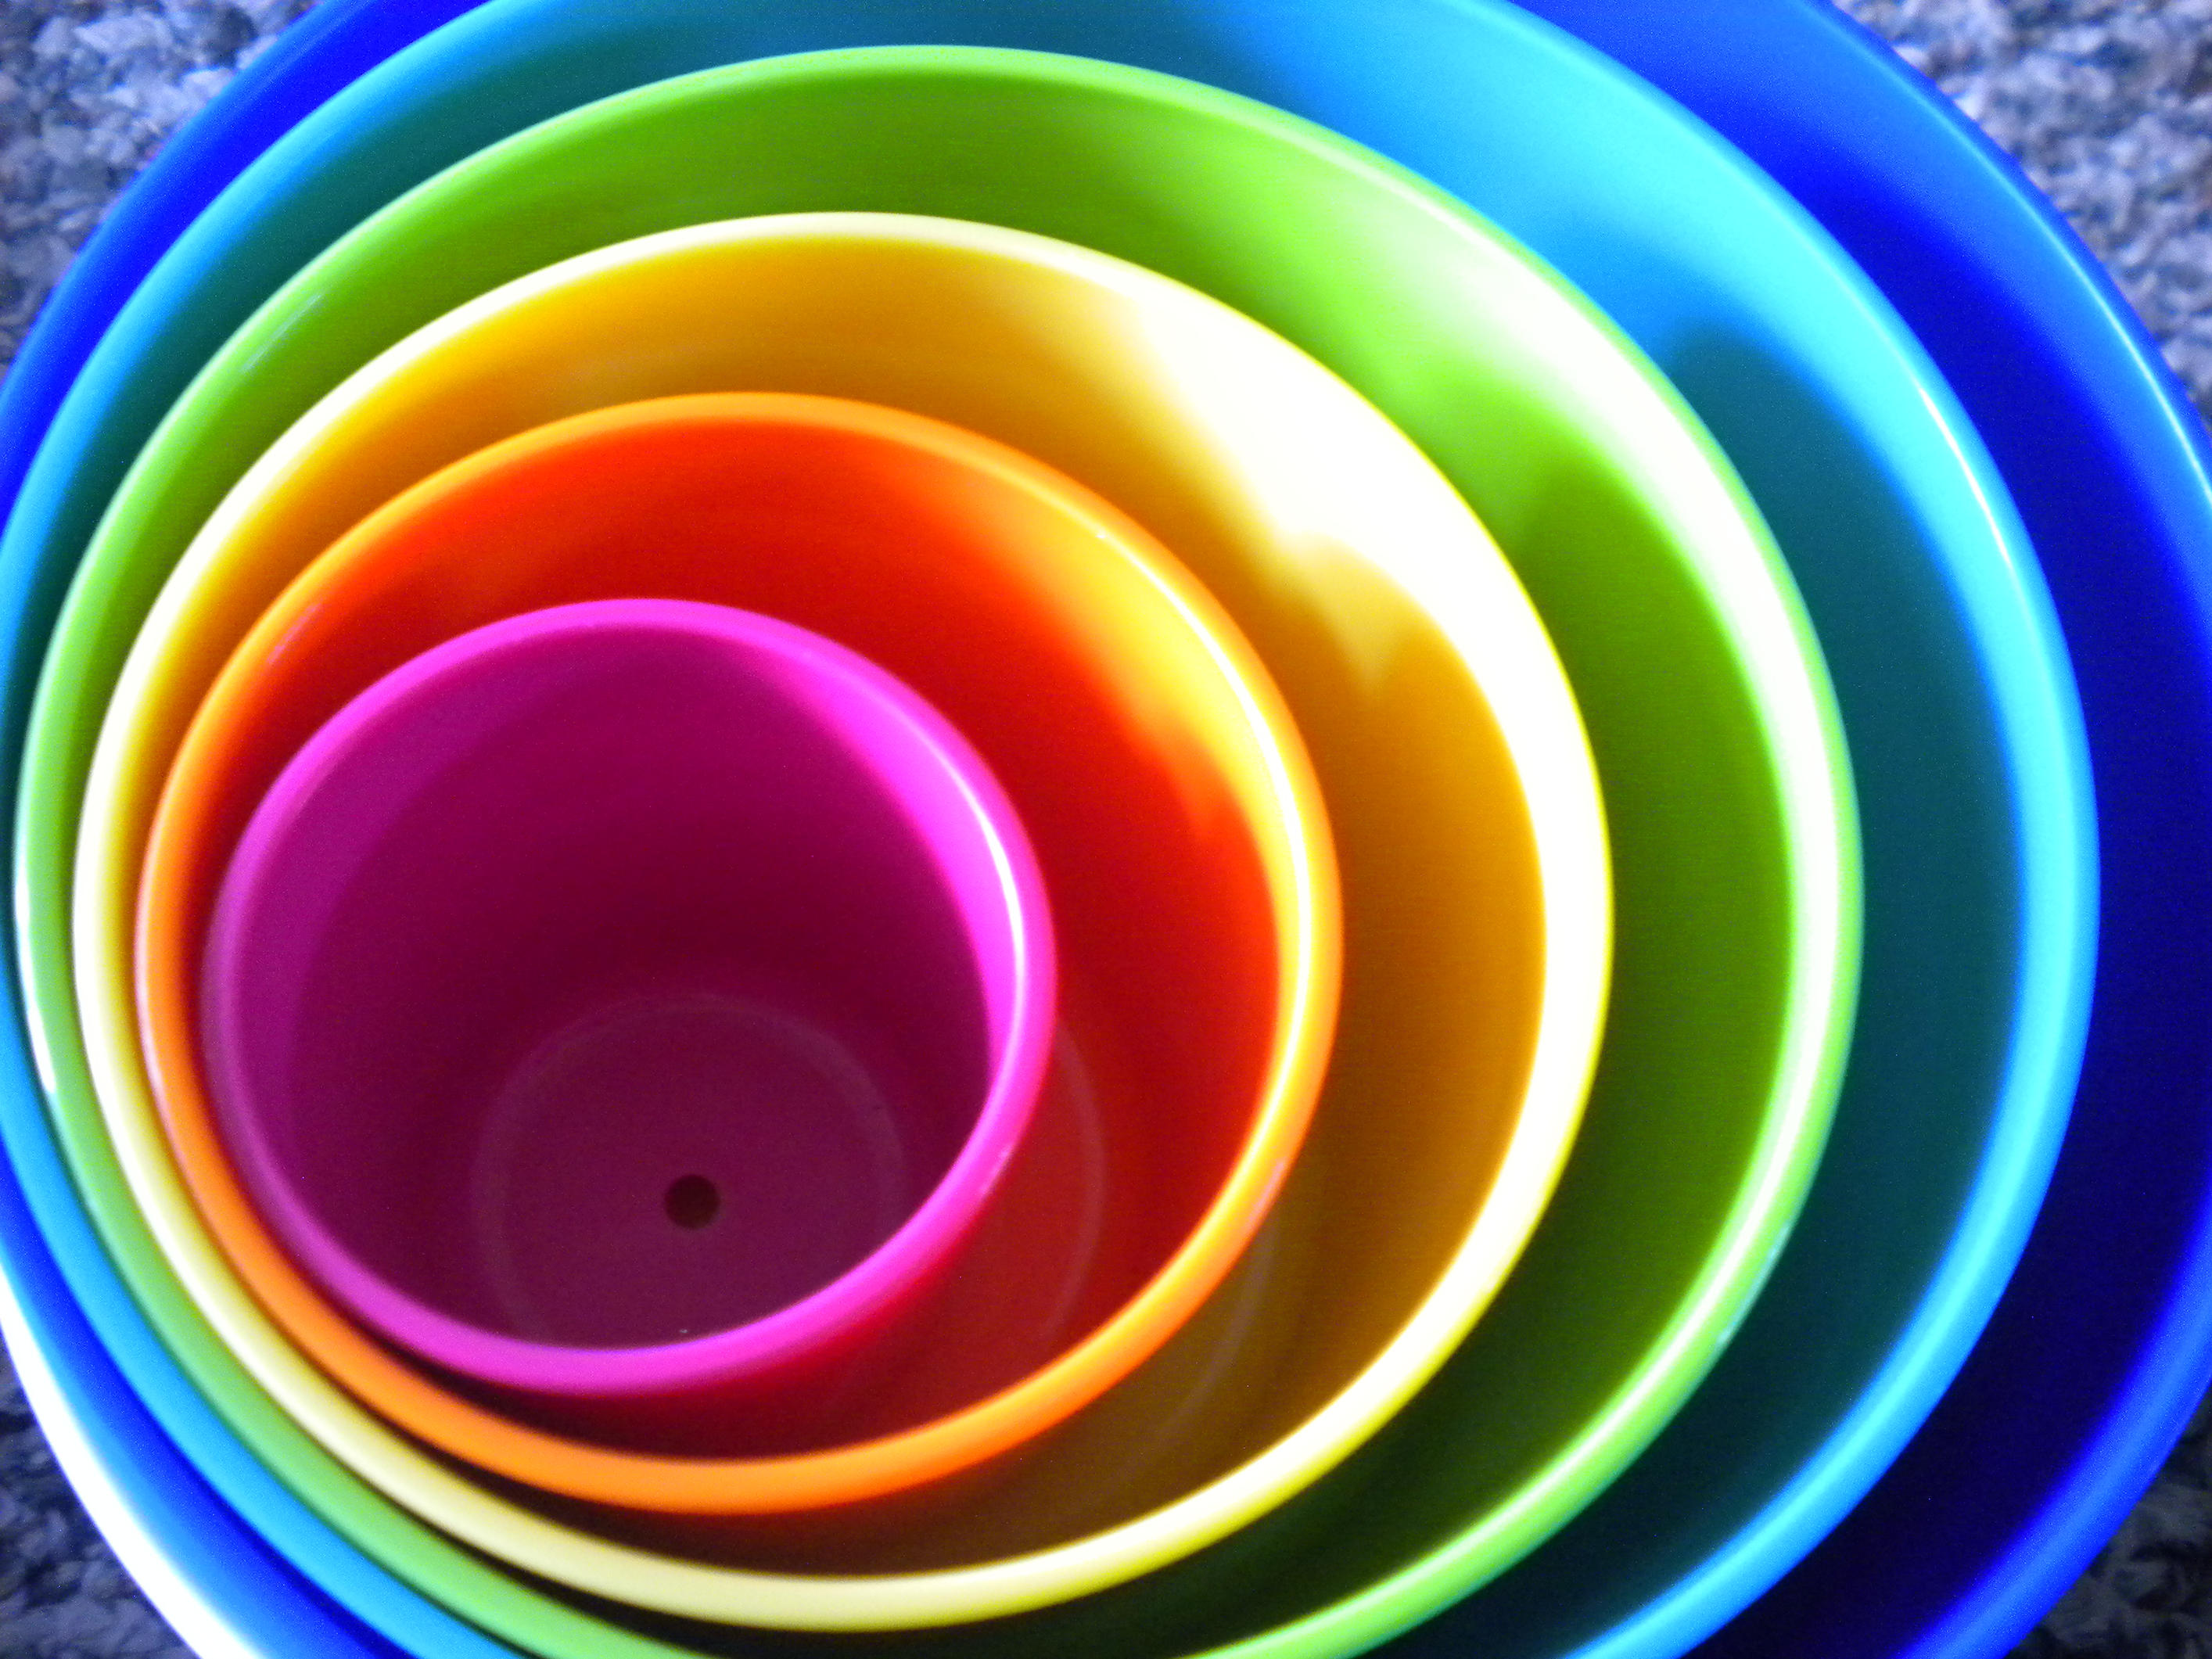 Buckets 3 by MrDannyD